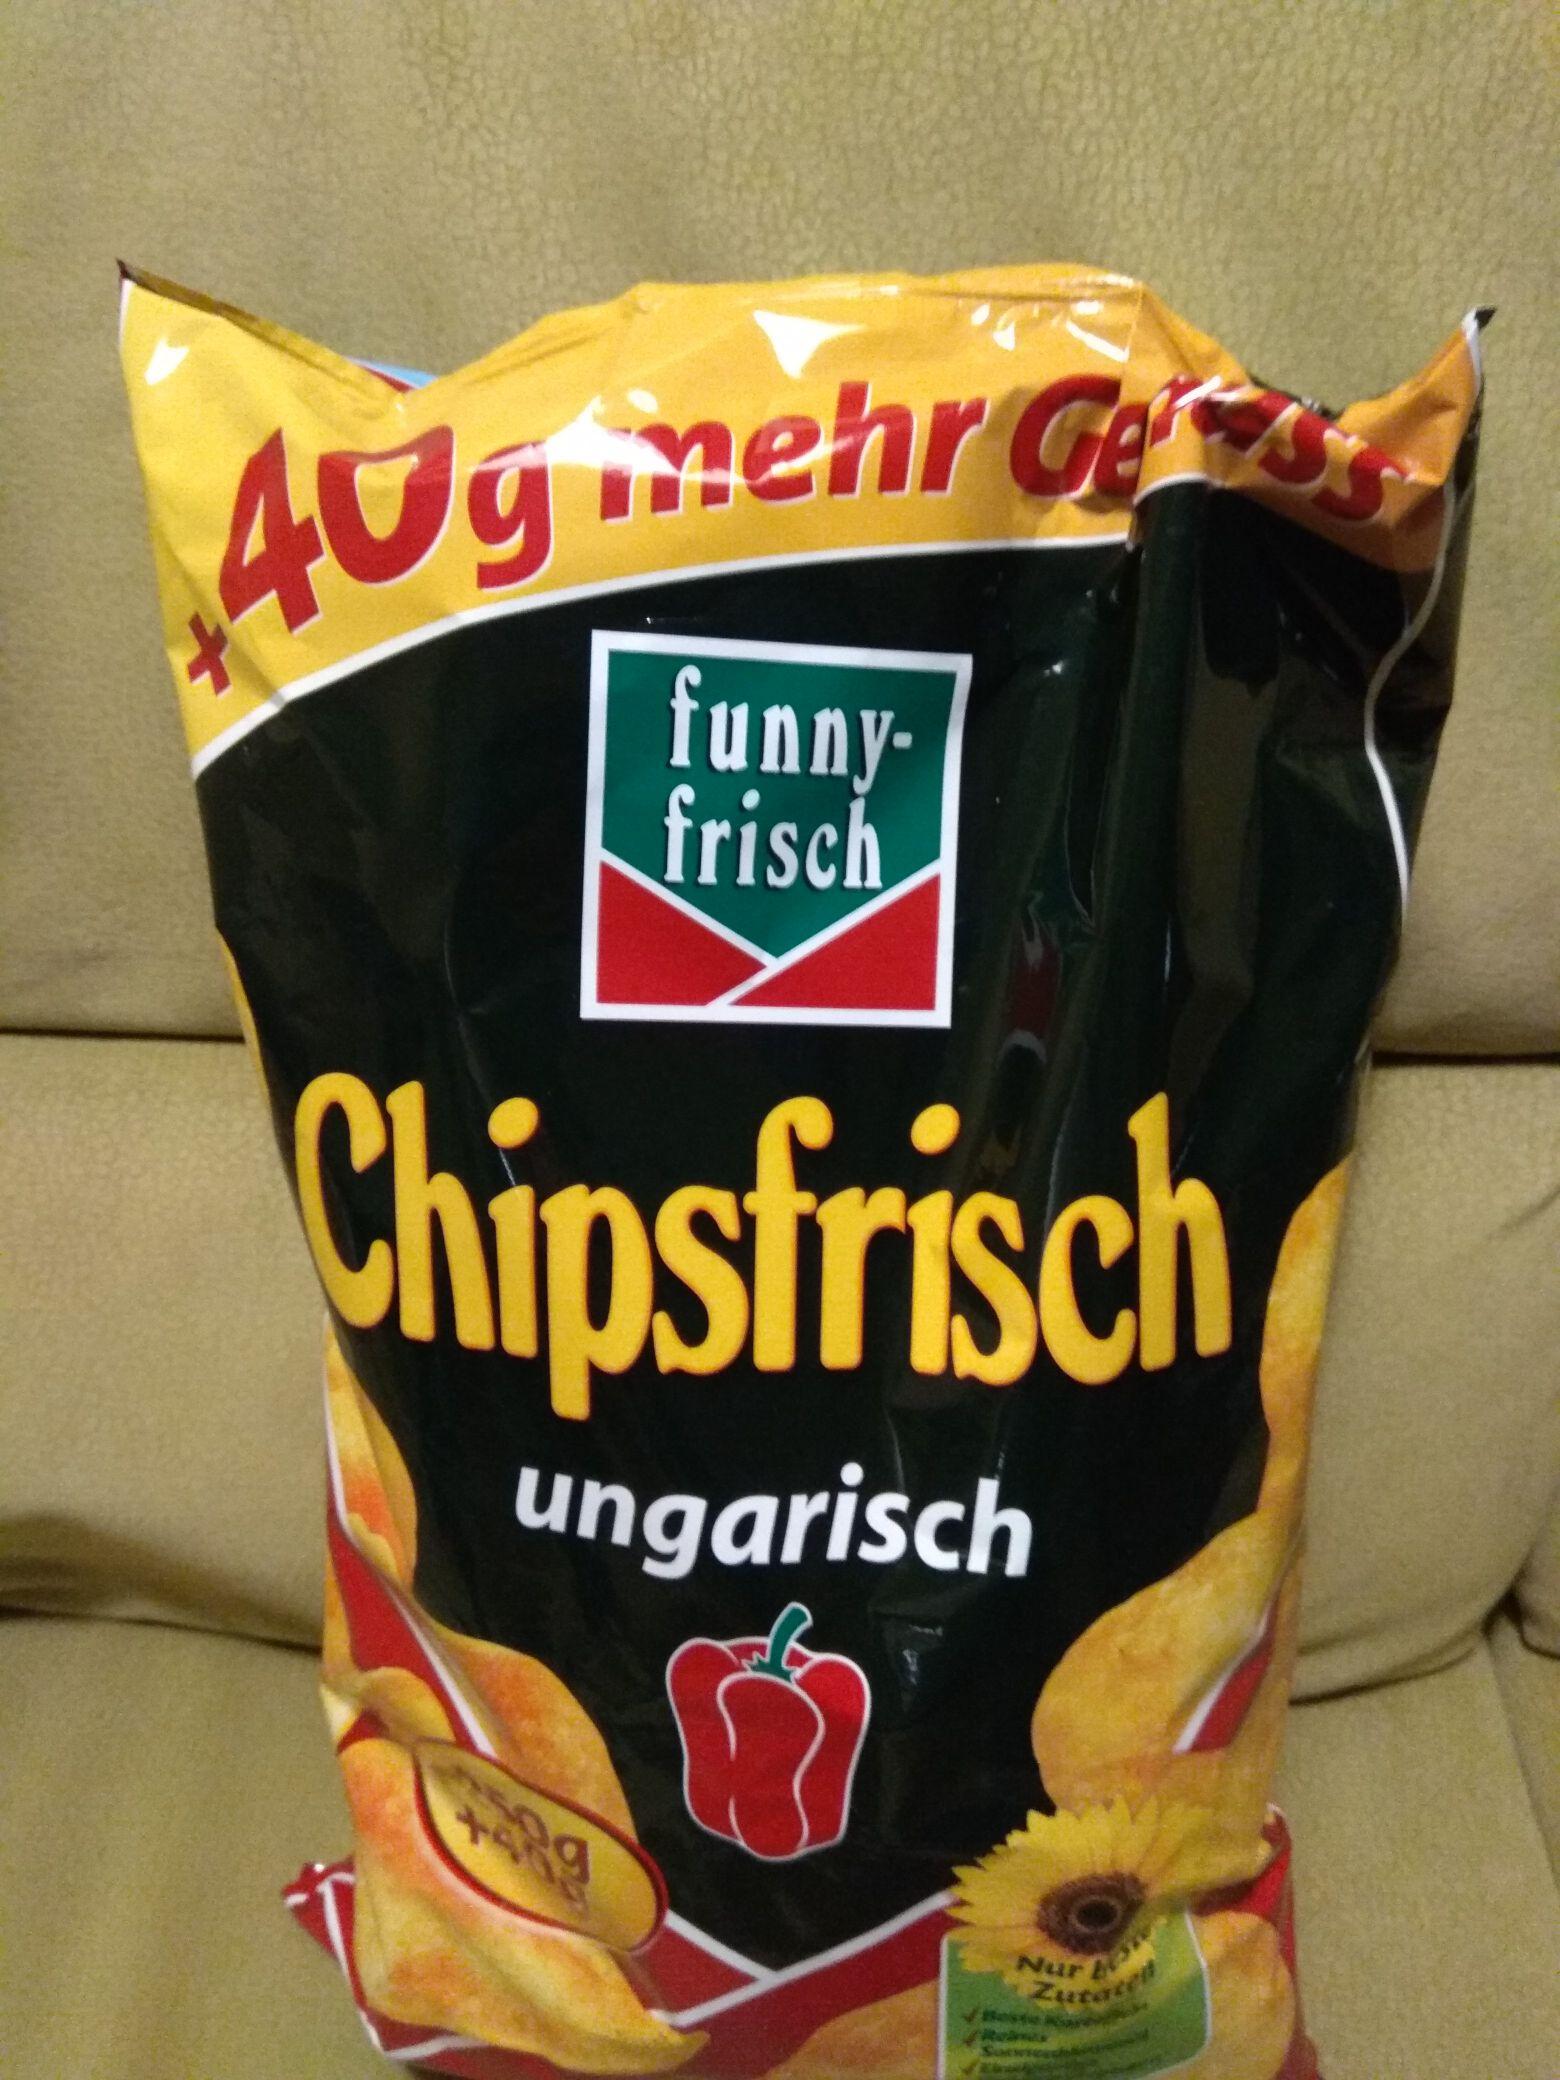 Funny-frisch chips ungarisch 290 Gramm